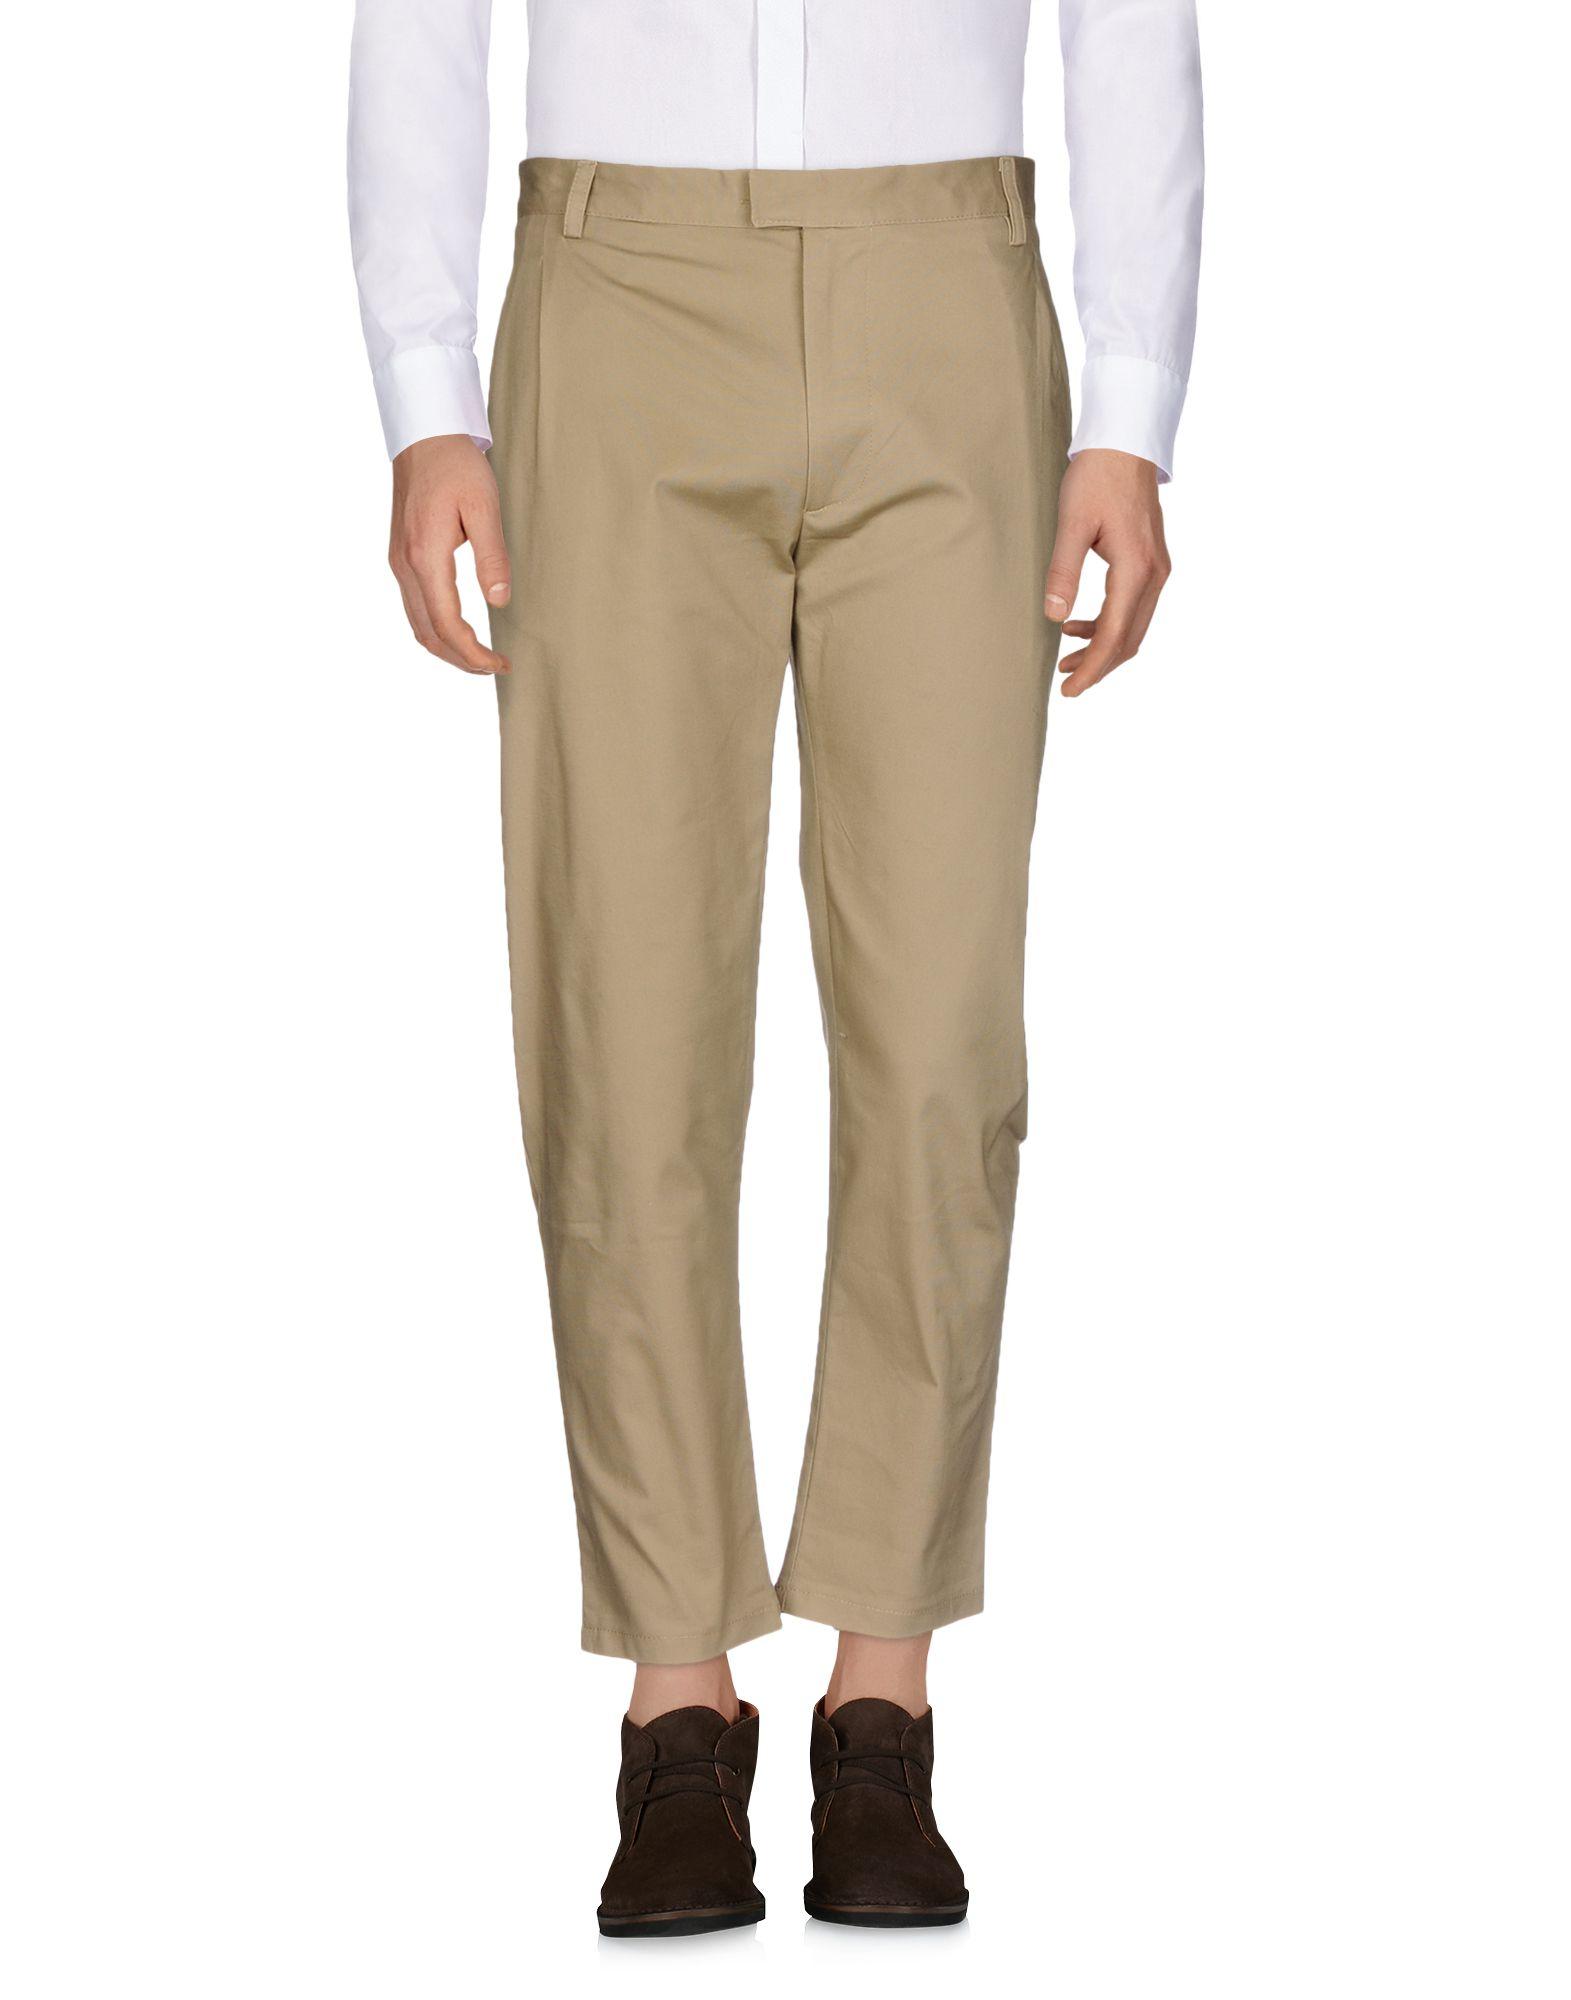 ZEUSEDERA Повседневные брюки